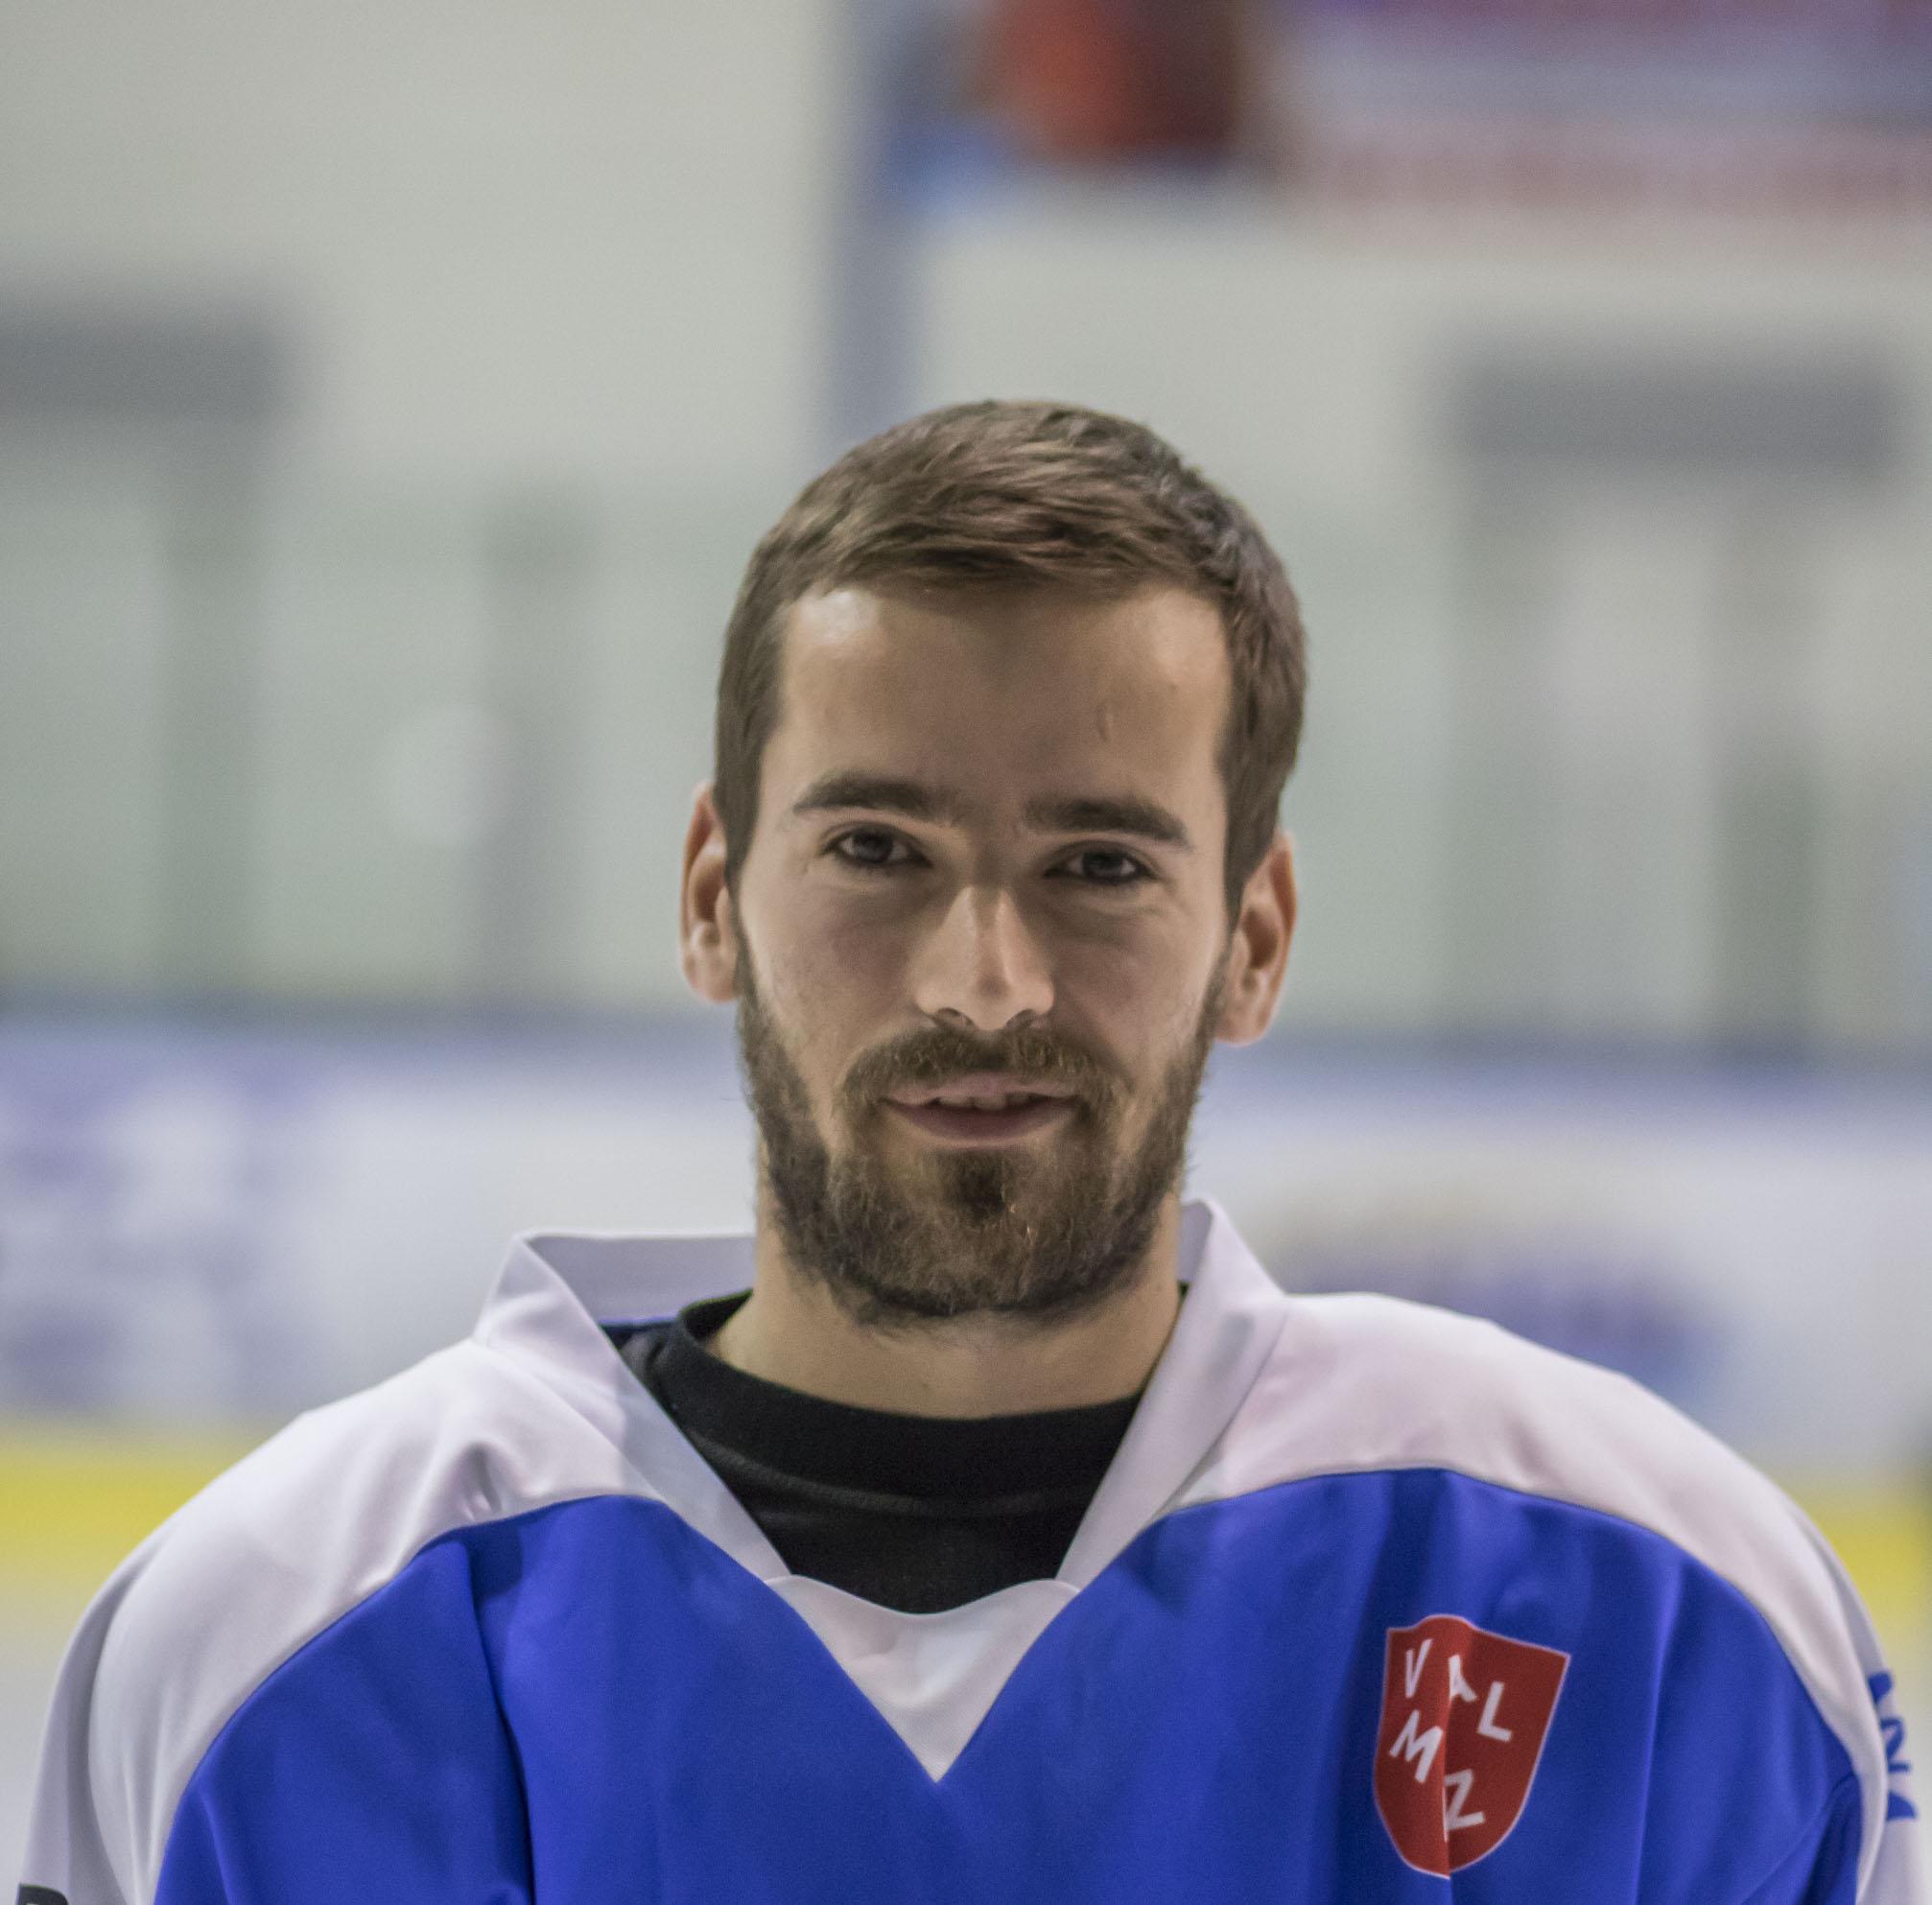 David Varga #71